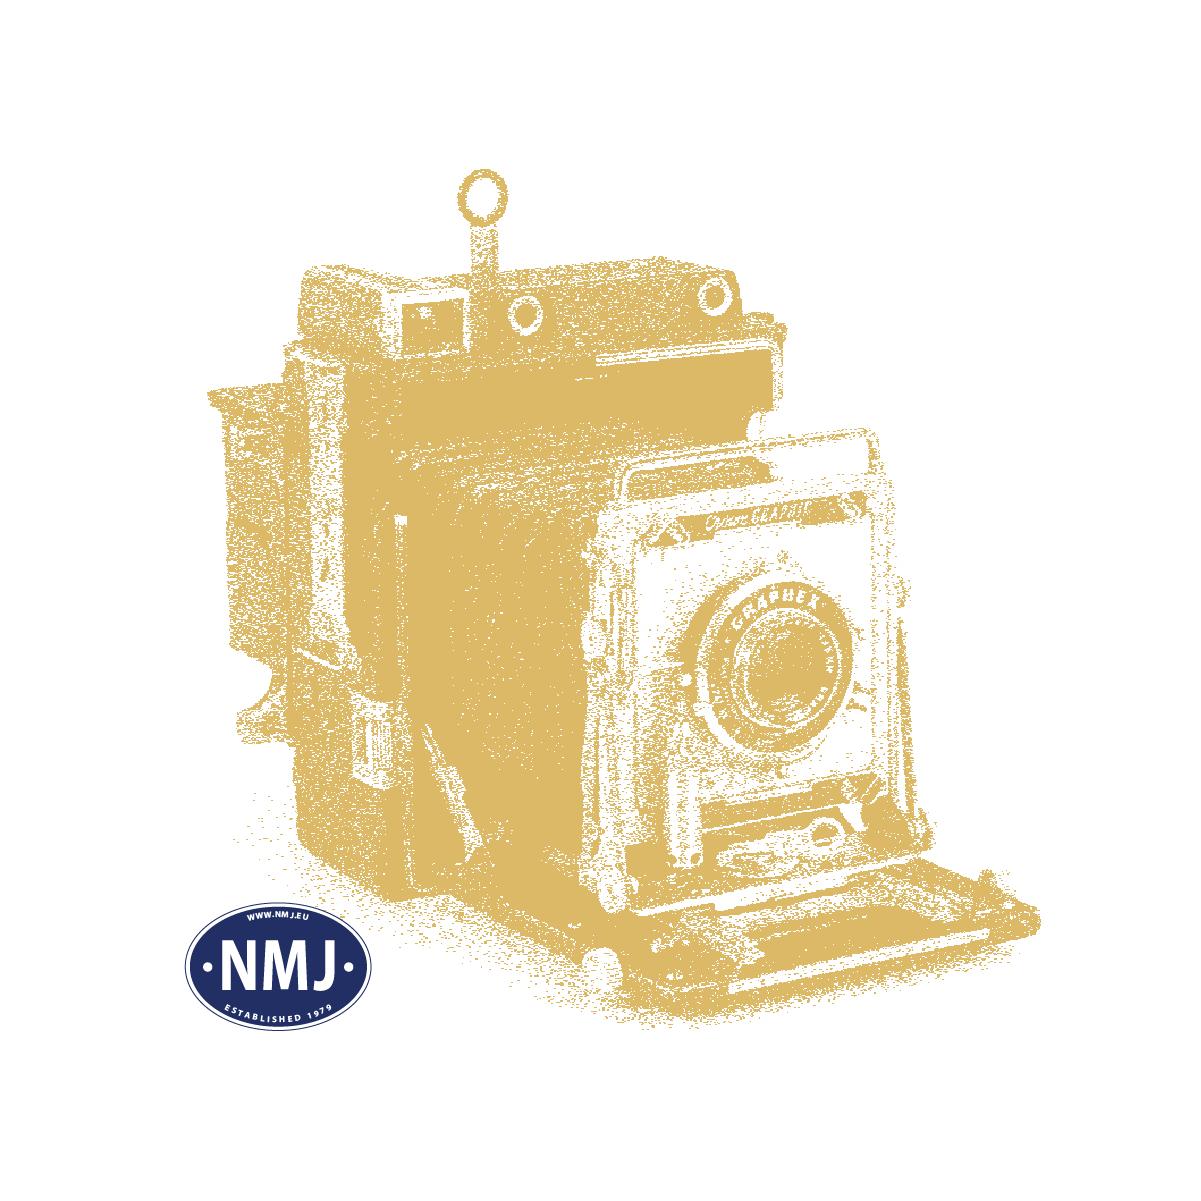 NMJT110.102 - NMJ Topline NSB BR 21202 Gammeldesign